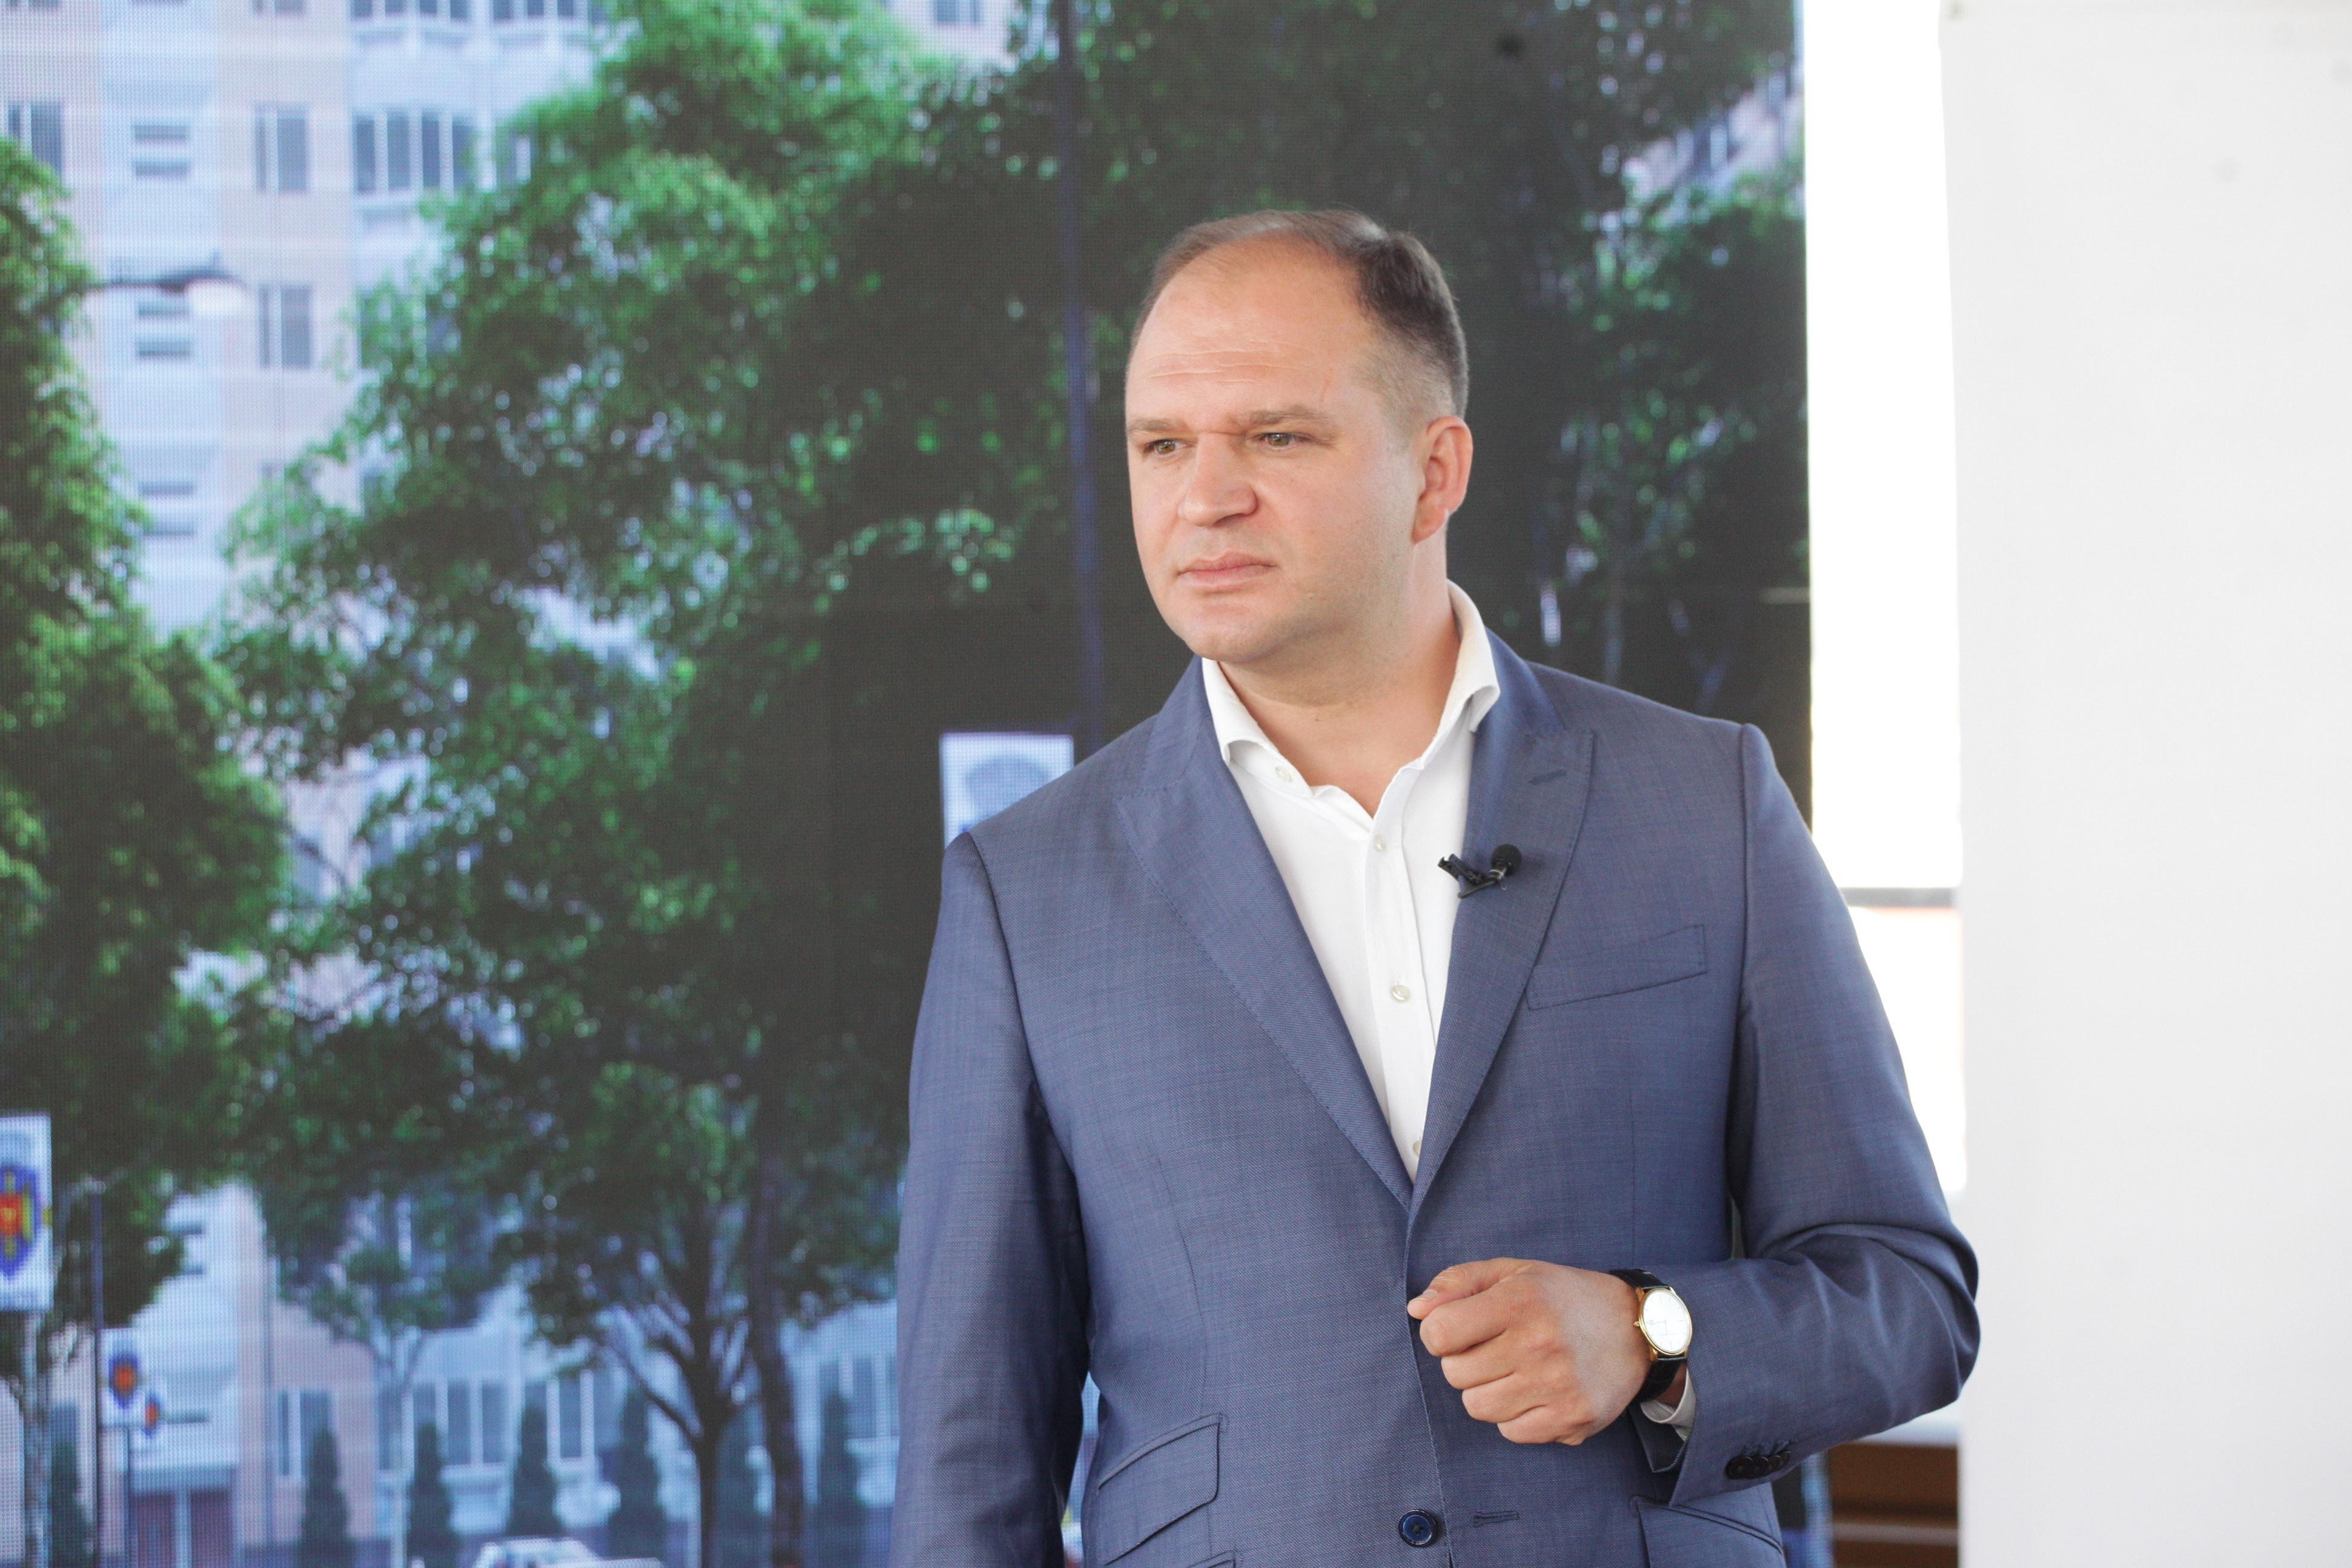 Чебан сложил мандат депутата и вице-председателя парламента (ФОТО)